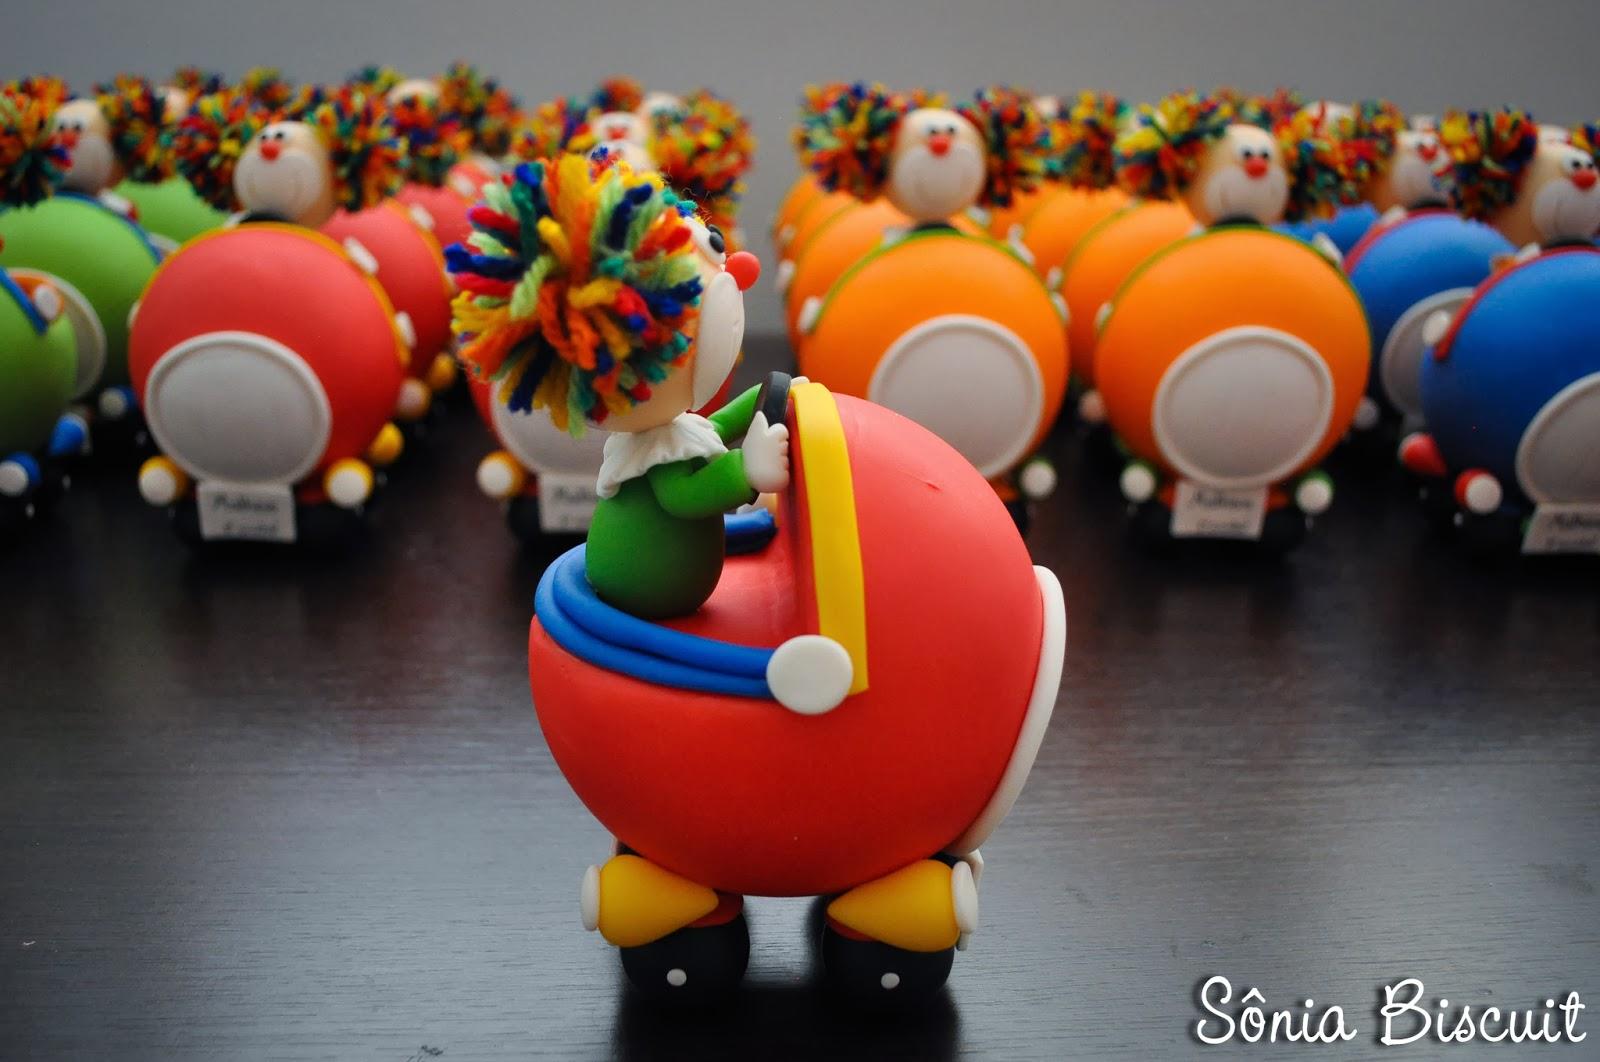 Palhacinhos no Carrinho Biscuit Lembrancinha Aniversário Palhaço